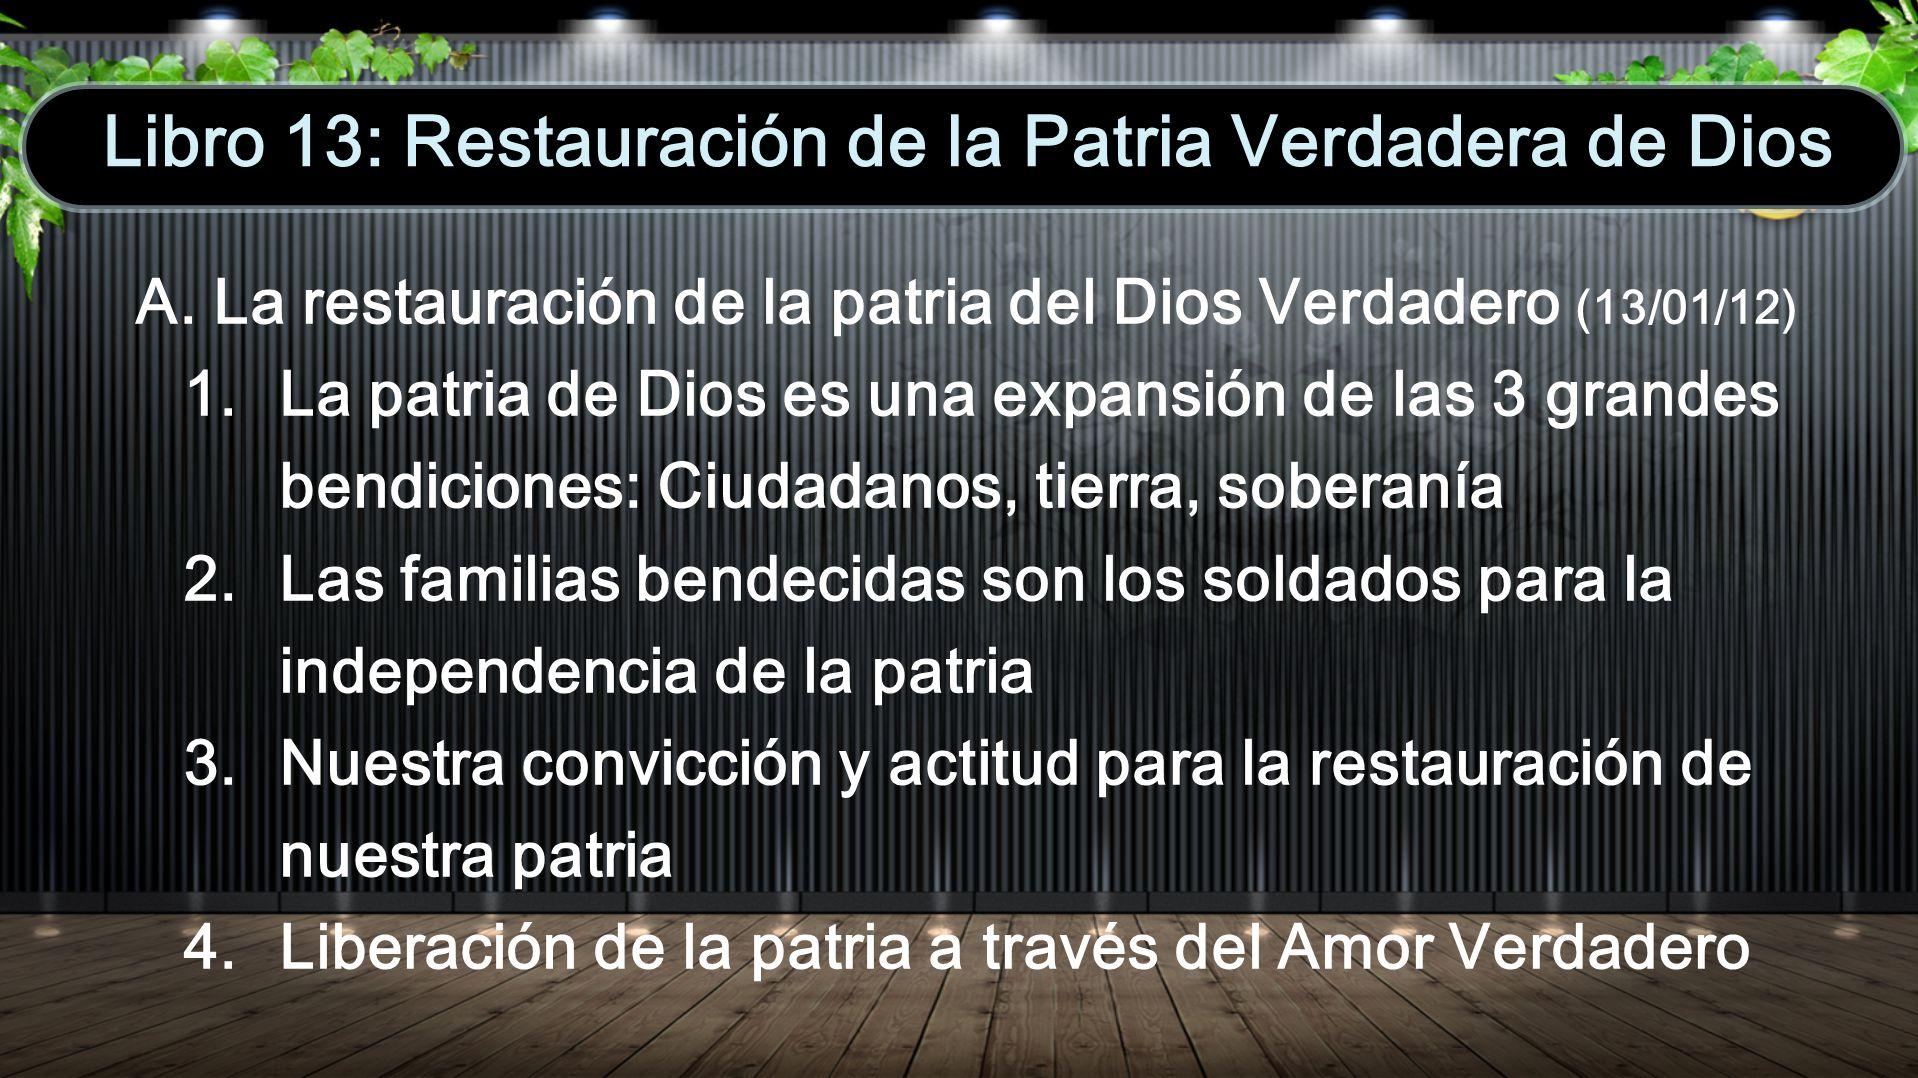 Libro 13: Restauración de la Patria Verdadera de Dios